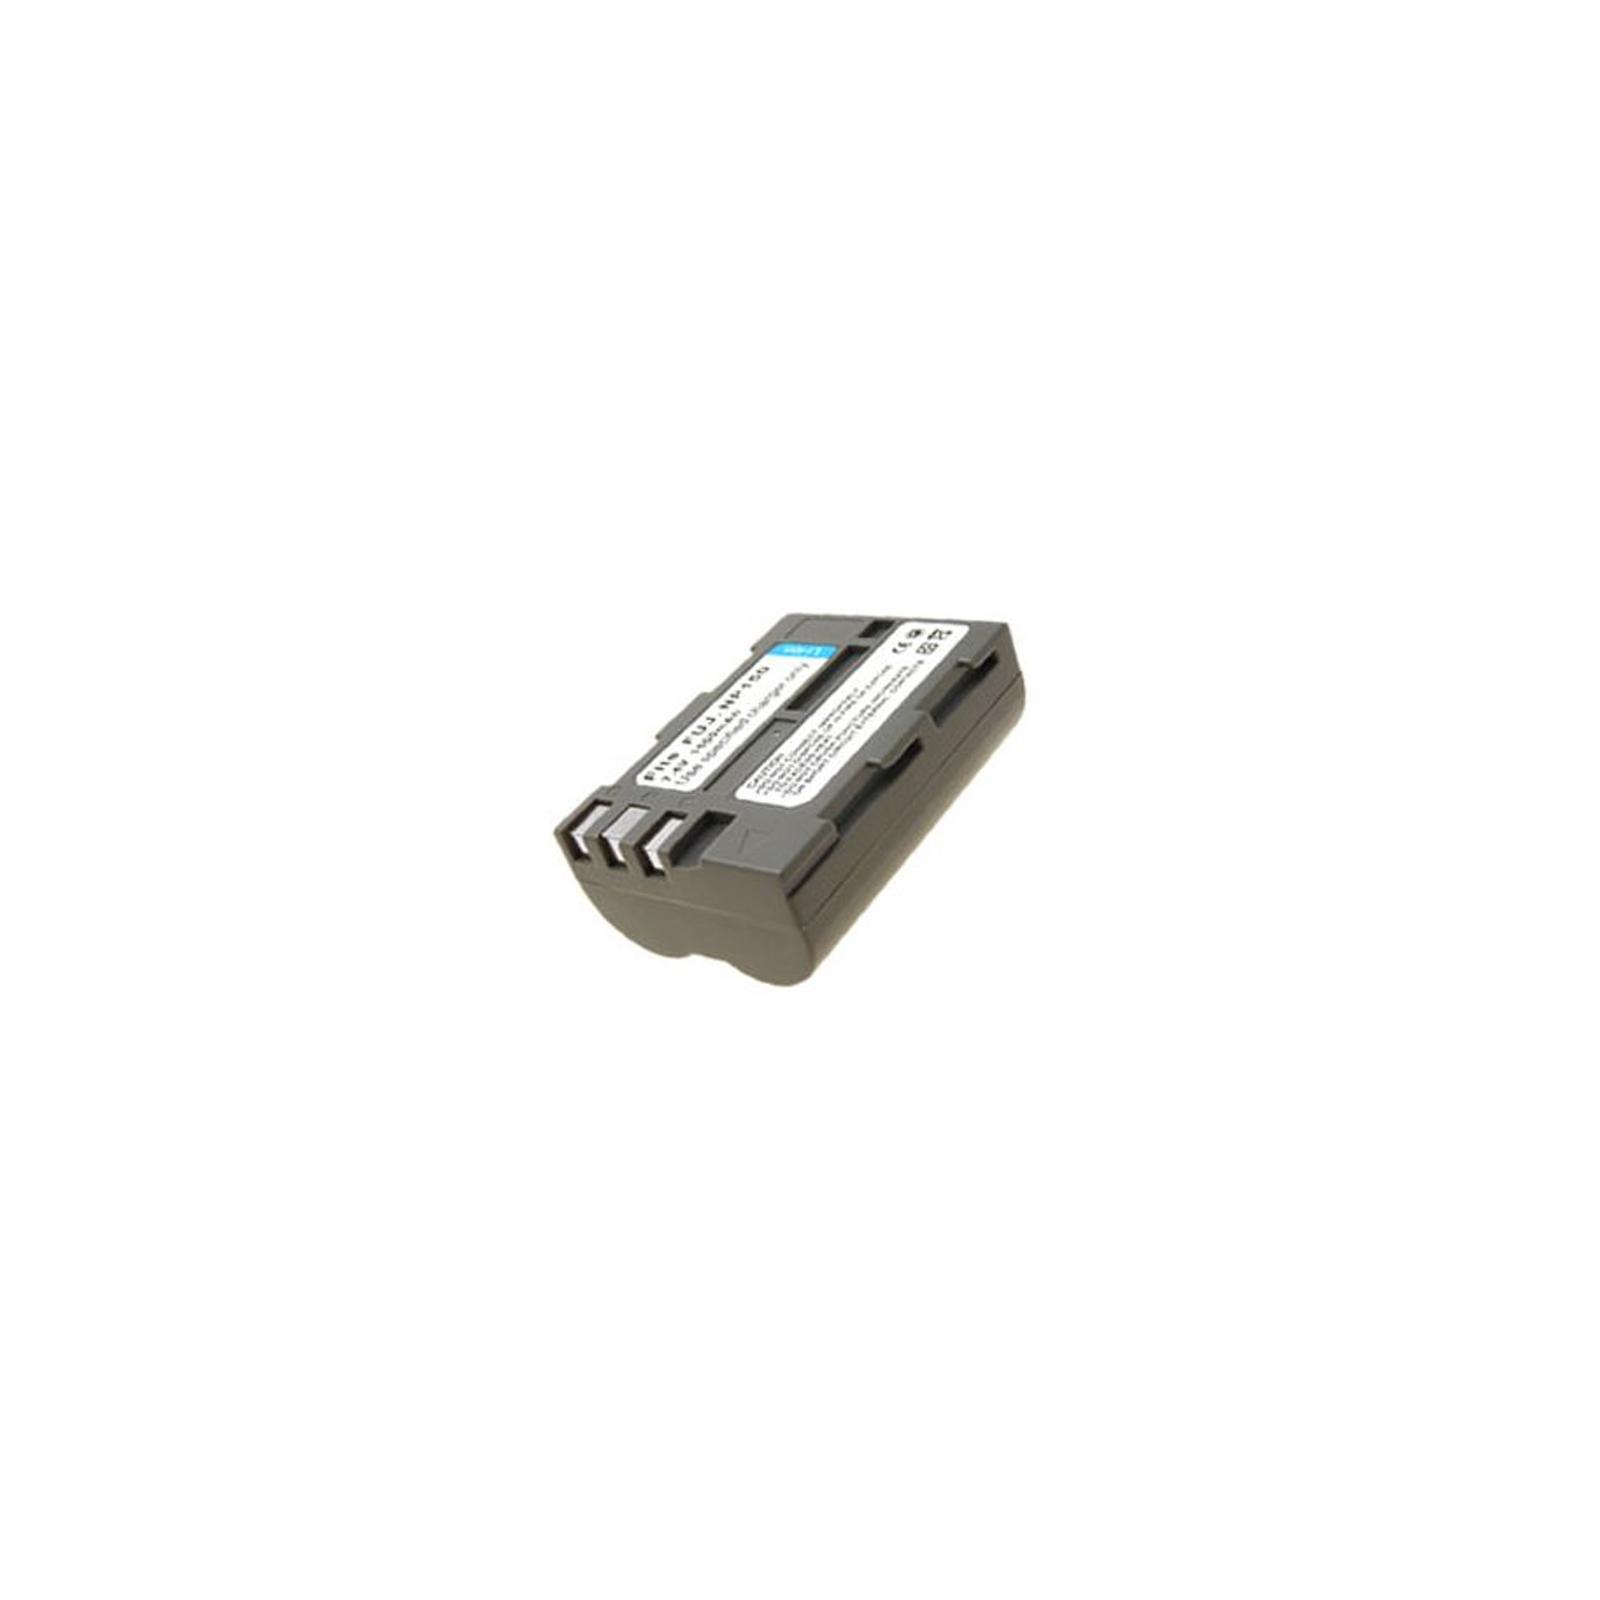 Аккумулятор к фото/видео PowerPlant Fuji NP-150 (DV00DV1224)